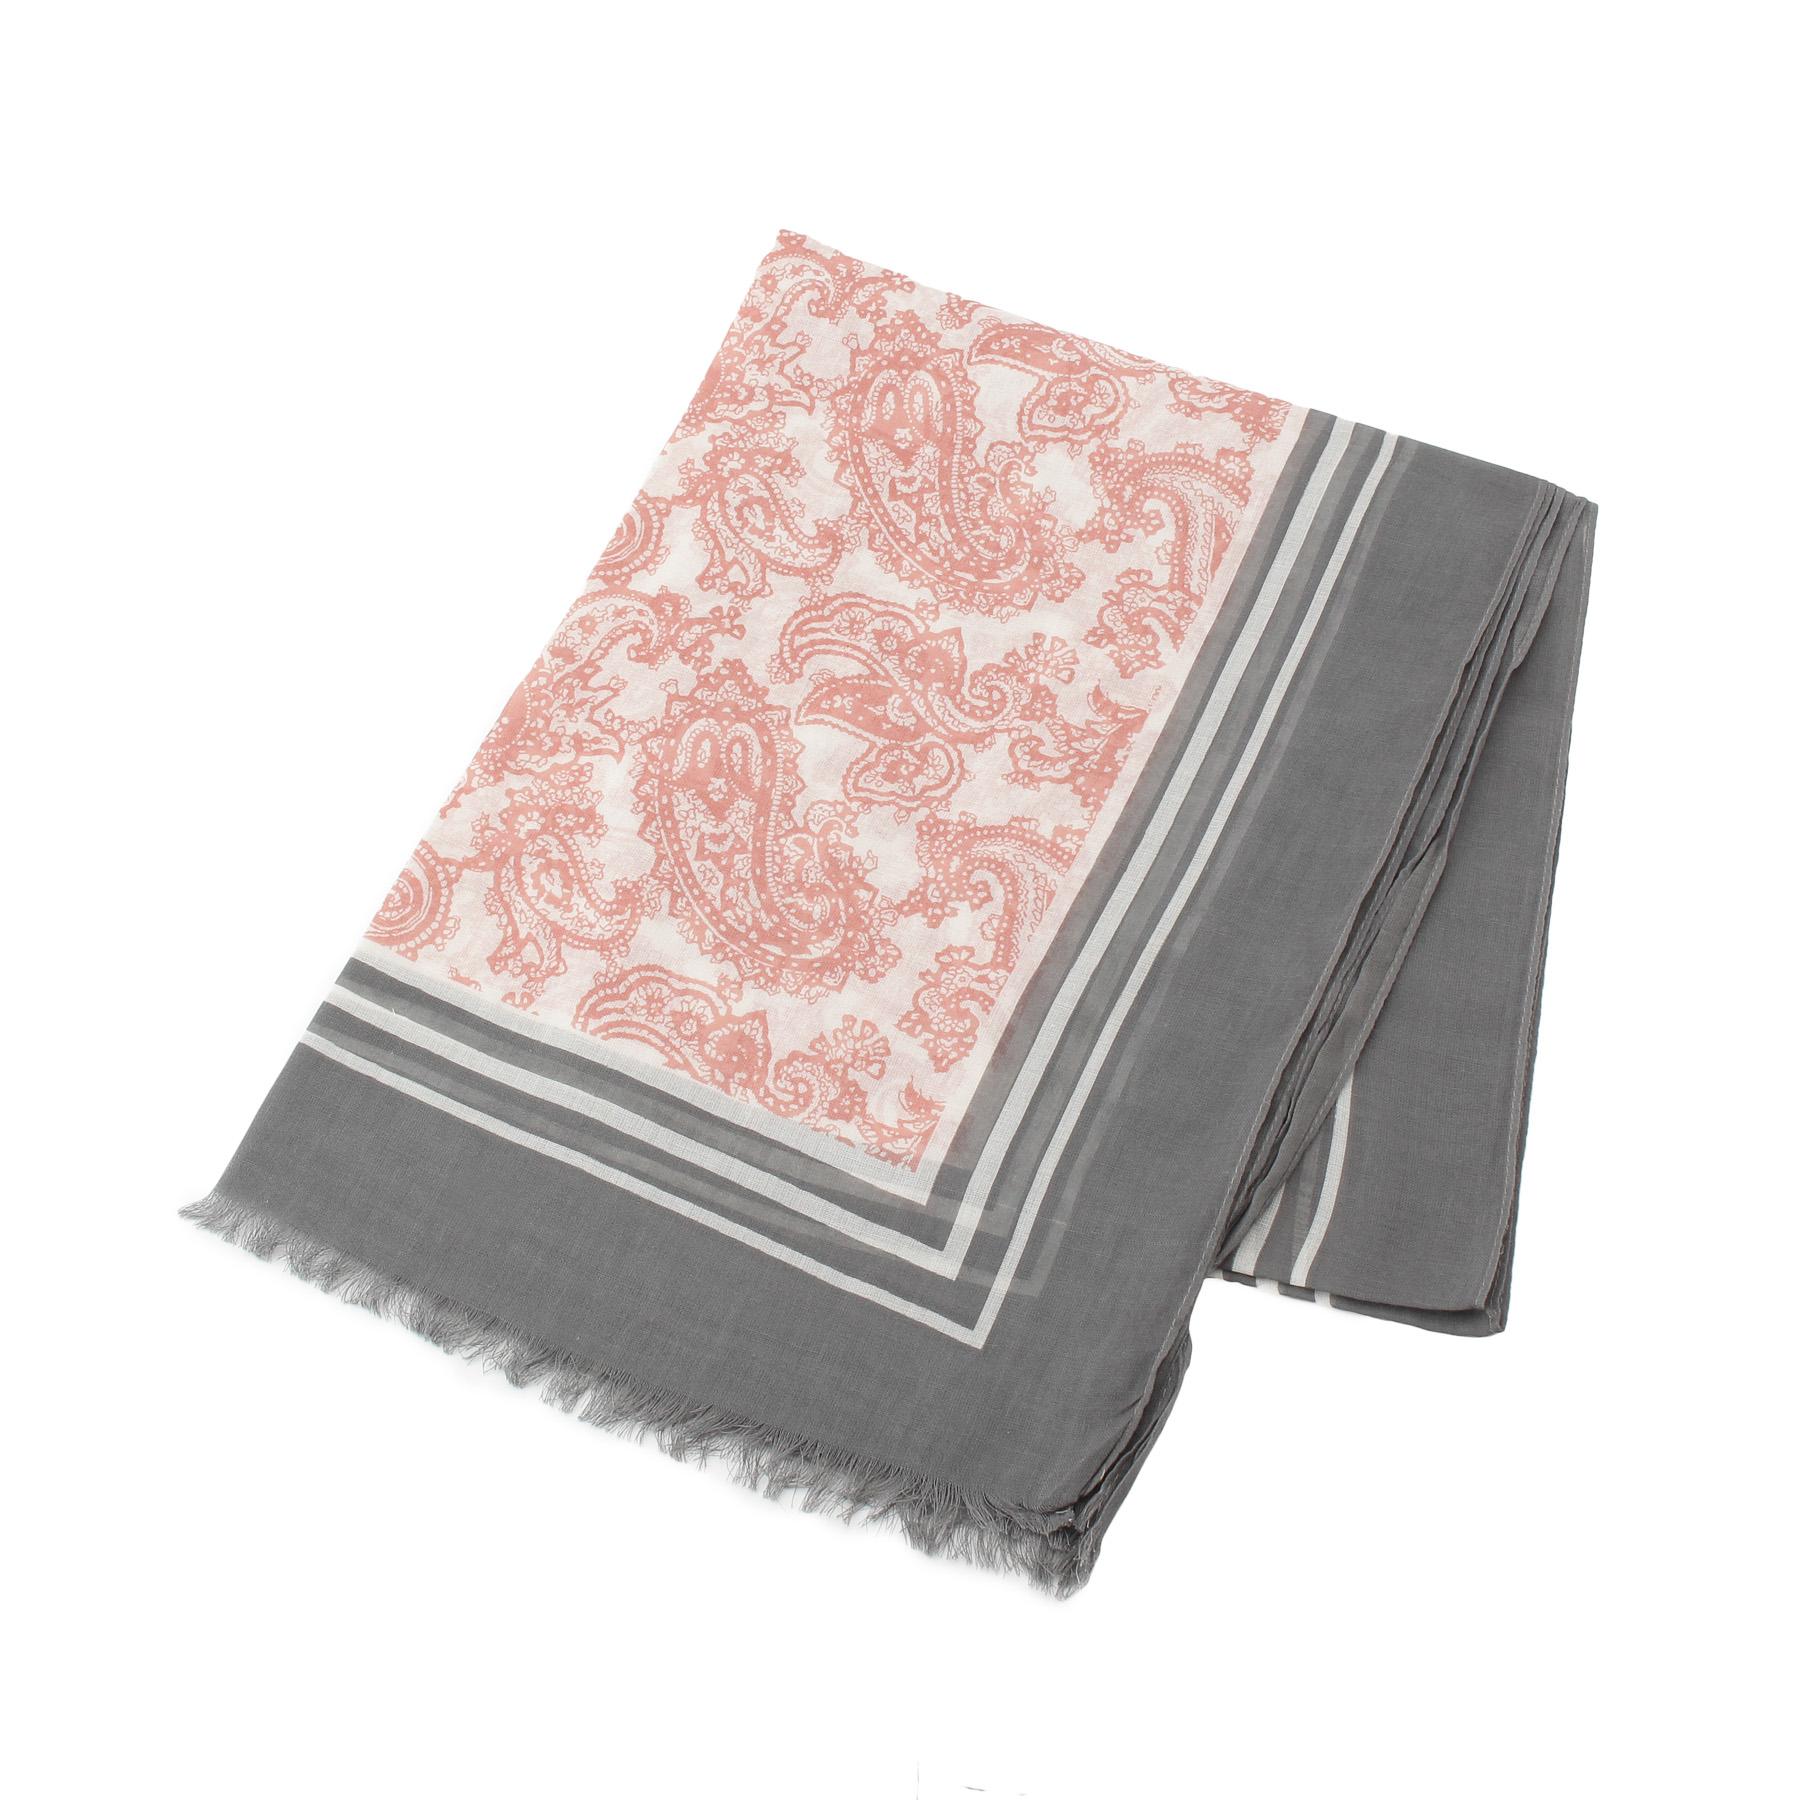 【smart pink (スマートピンク)】ペルピアンペイズリーストールレディース 雑貨|マフラー・ストール ベビーピンク